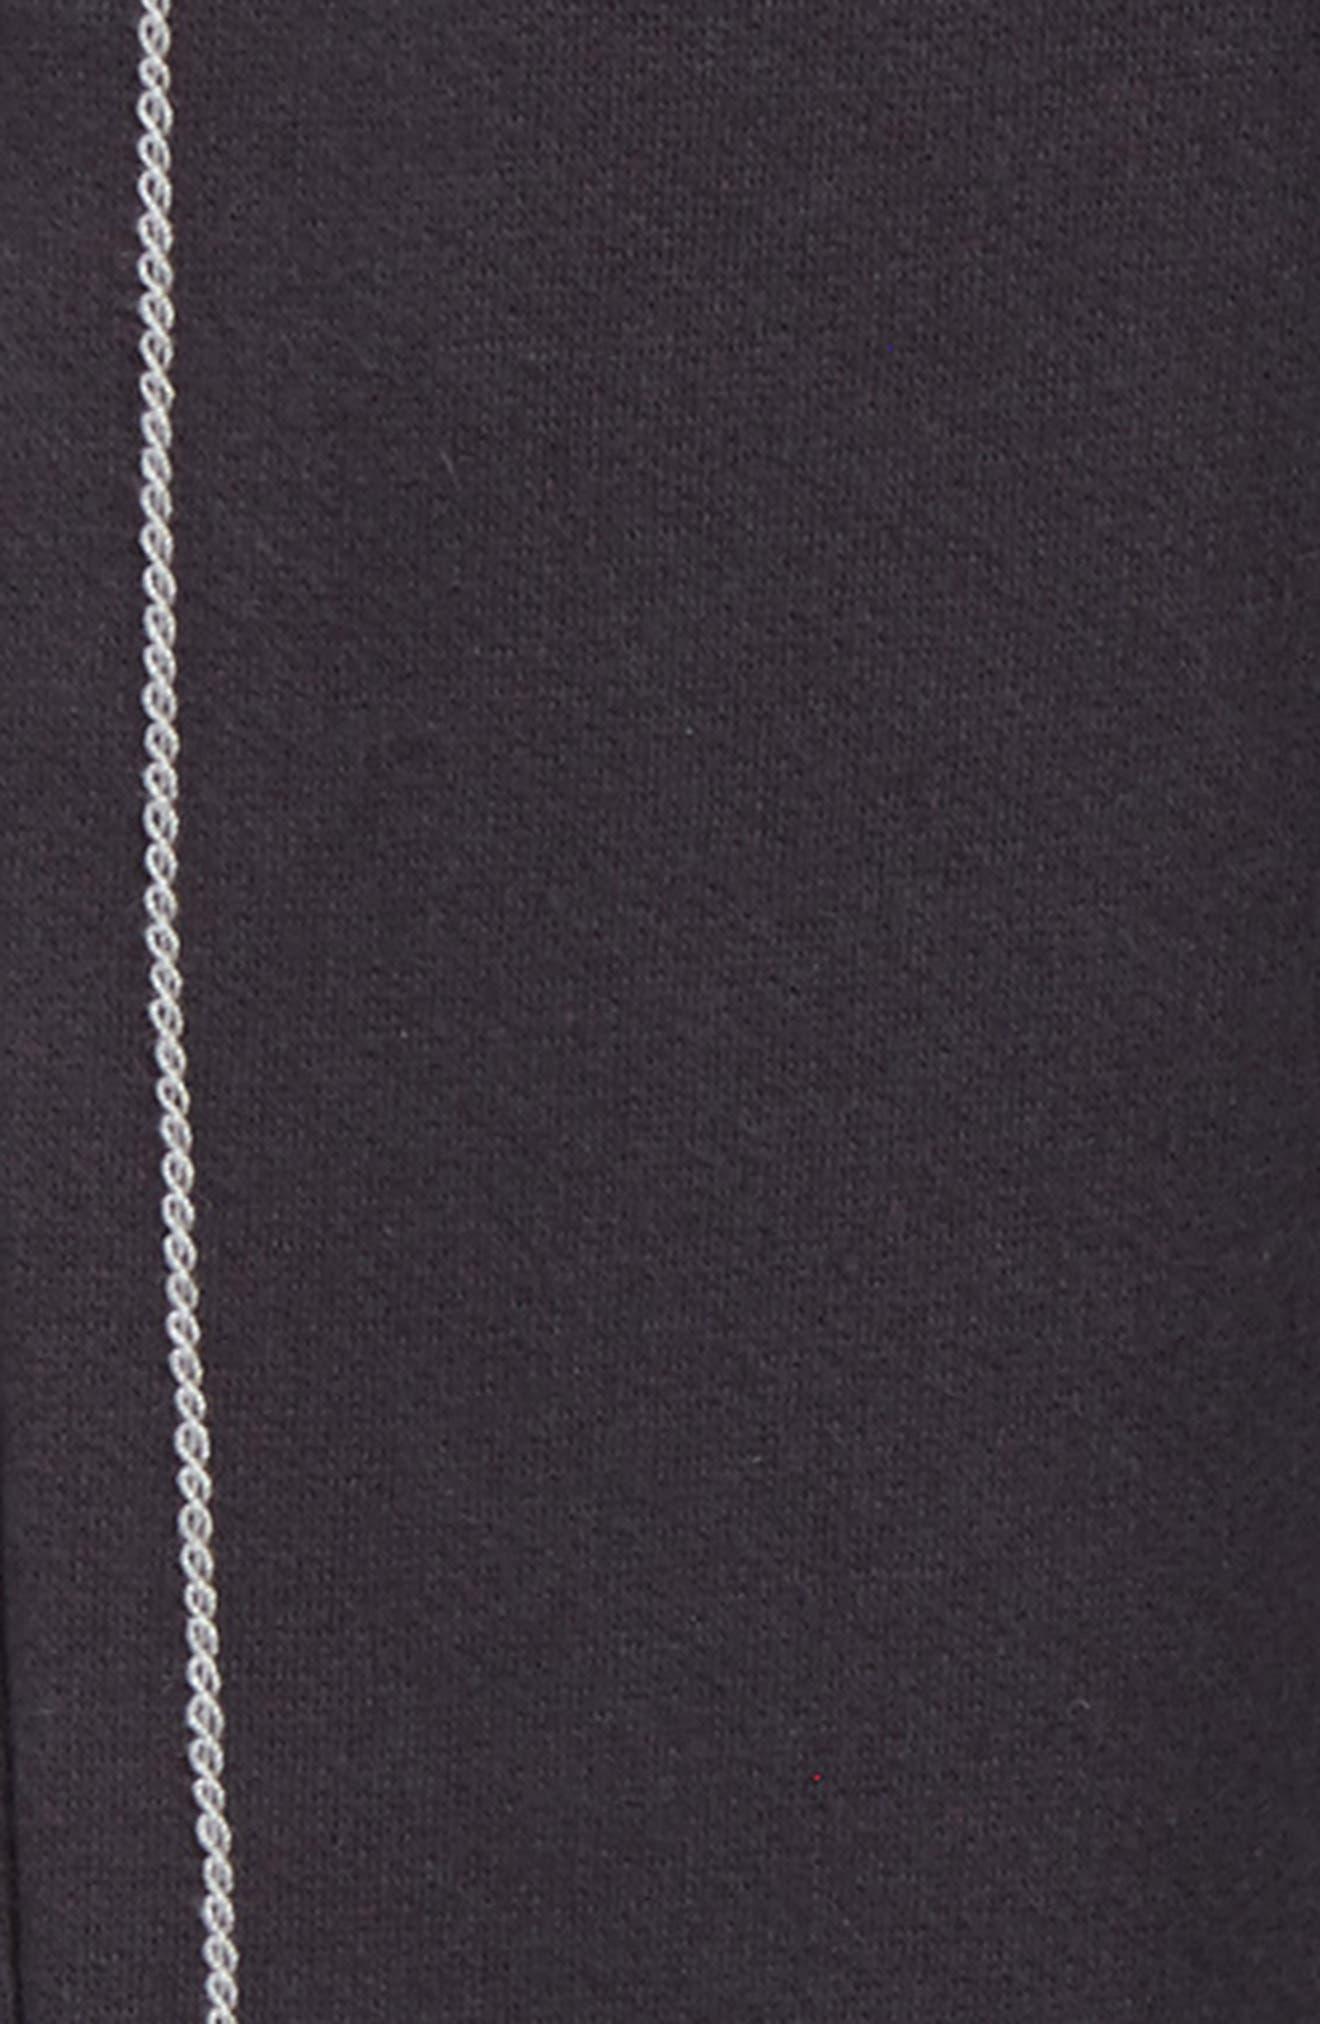 Fleece Jogger Pants,                             Alternate thumbnail 2, color,                             Phantom